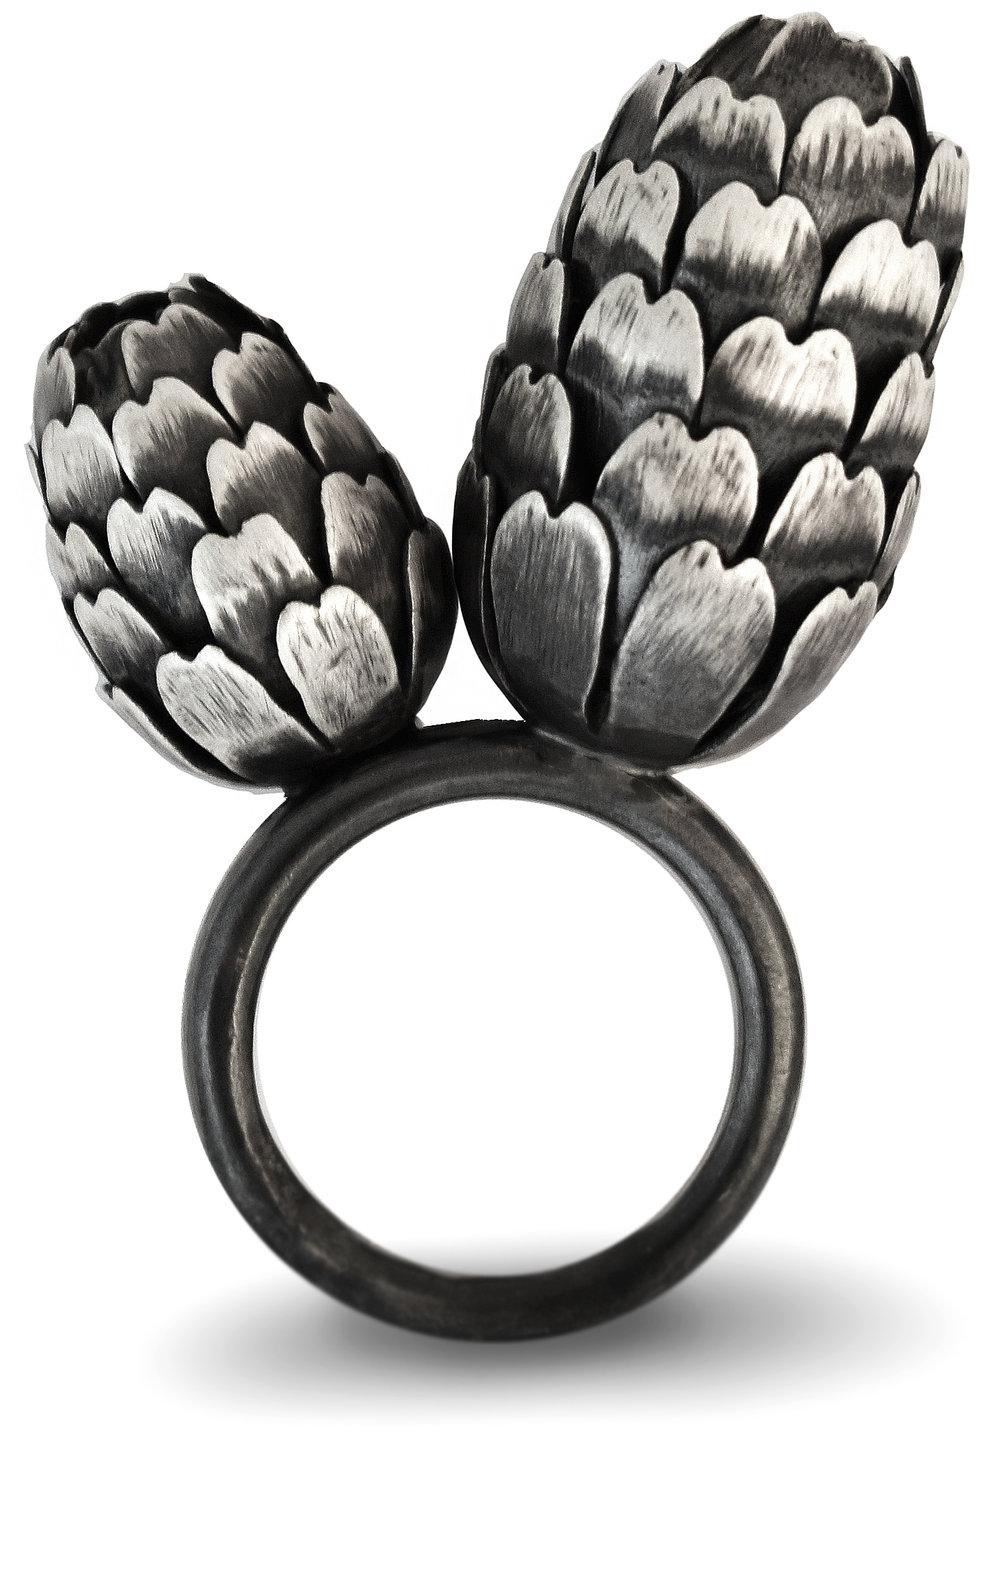 pine cone rings.jpg